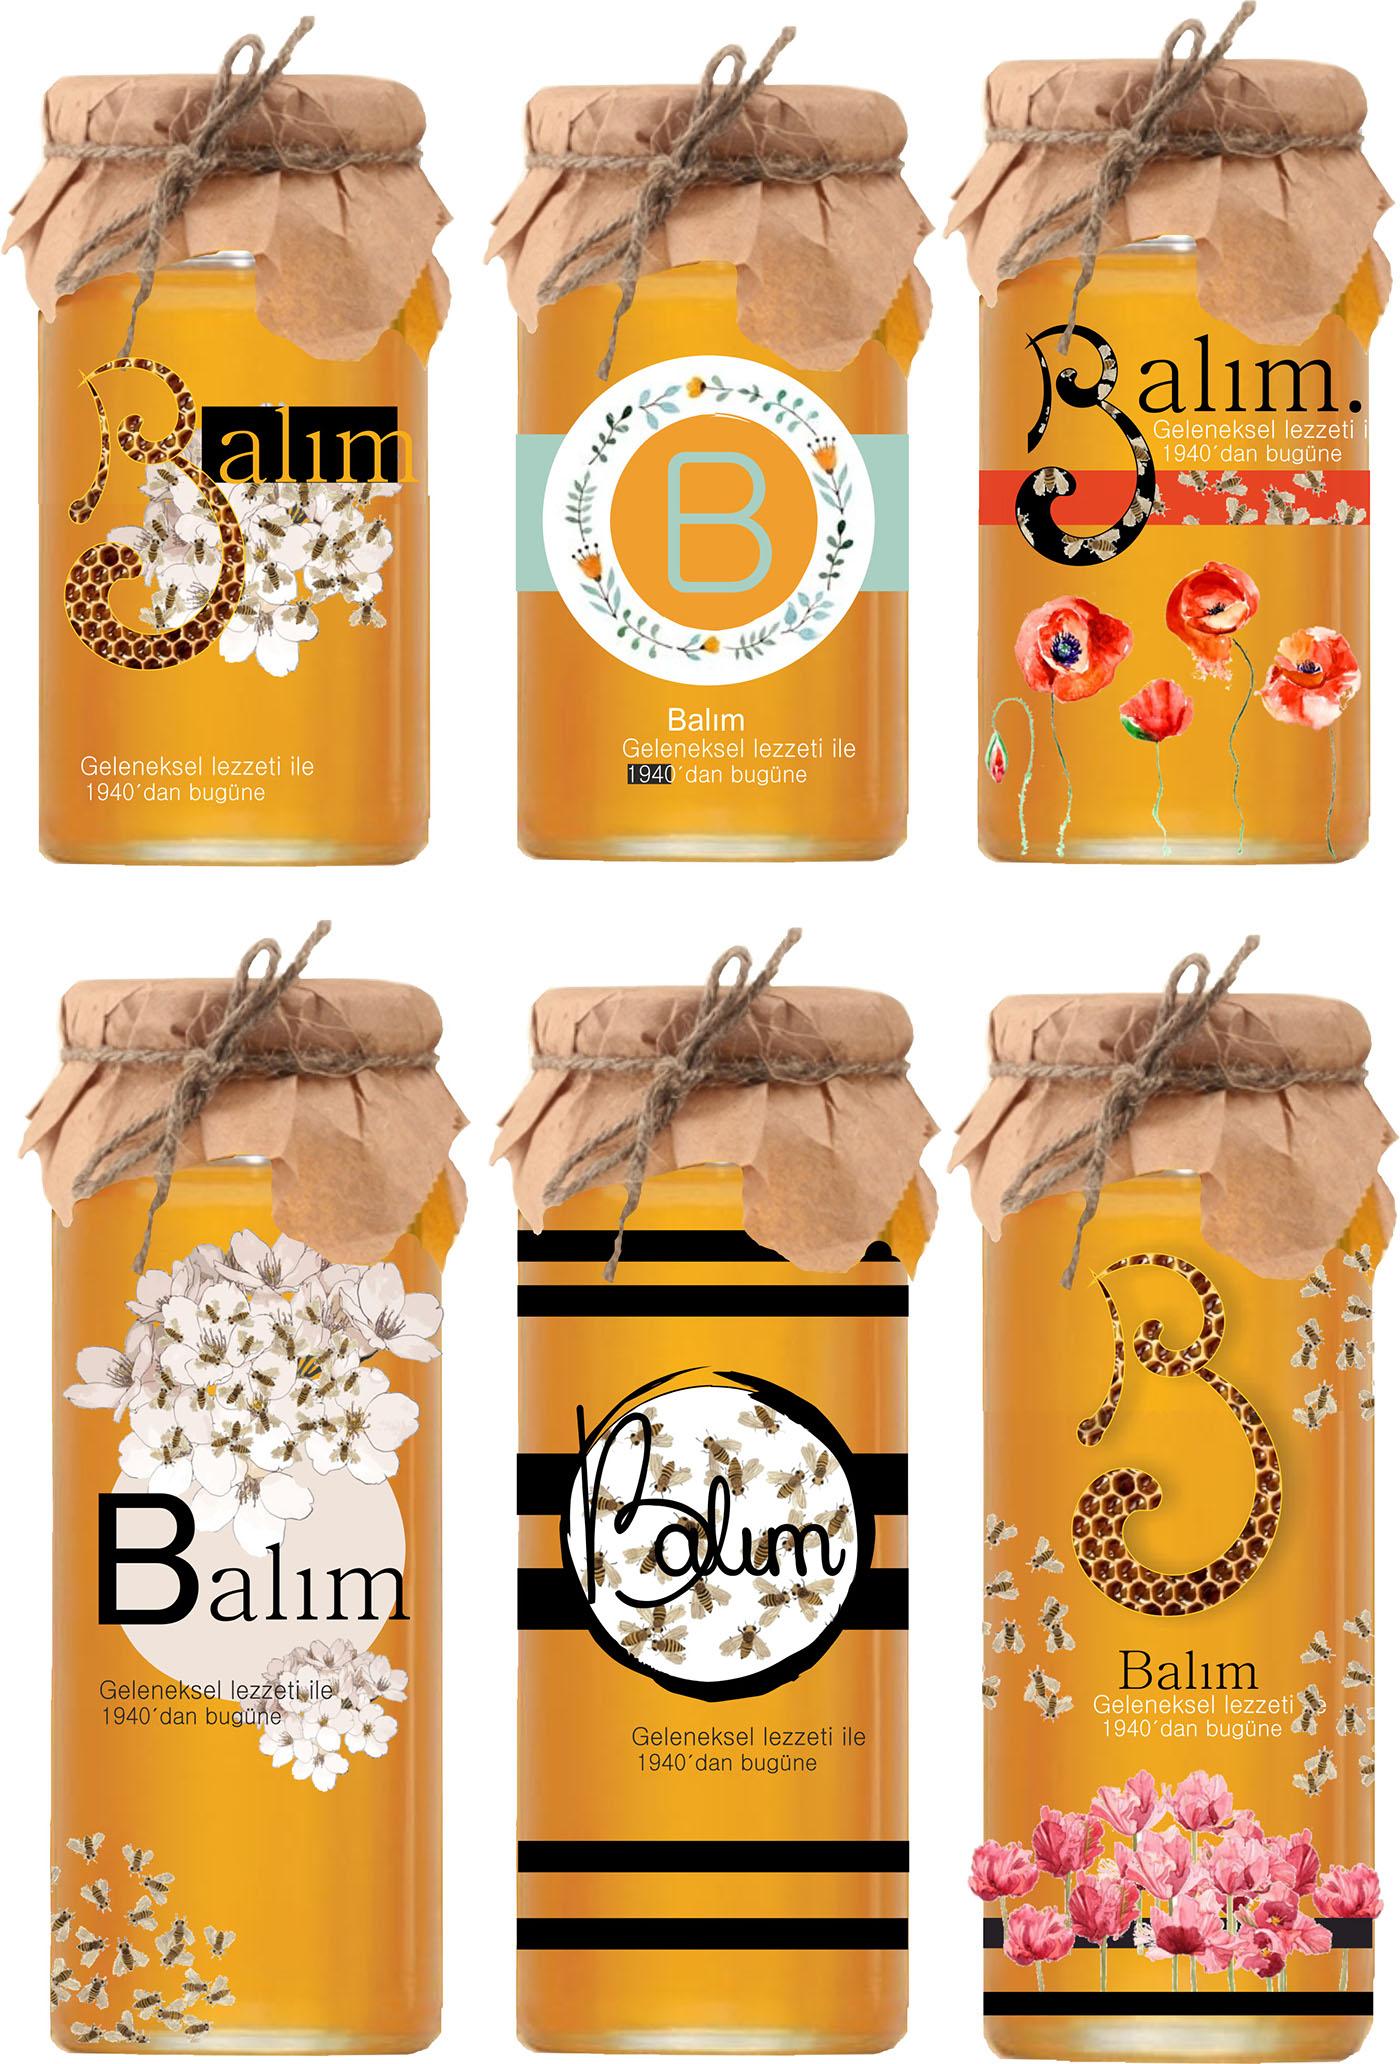 Bal Honey Ambalaj Tasariimi By Derma Ulserin Source Behance Sfields99 Packaging Design Inspiration Ideas Branding Honey Jar Rustic Search By Muzli